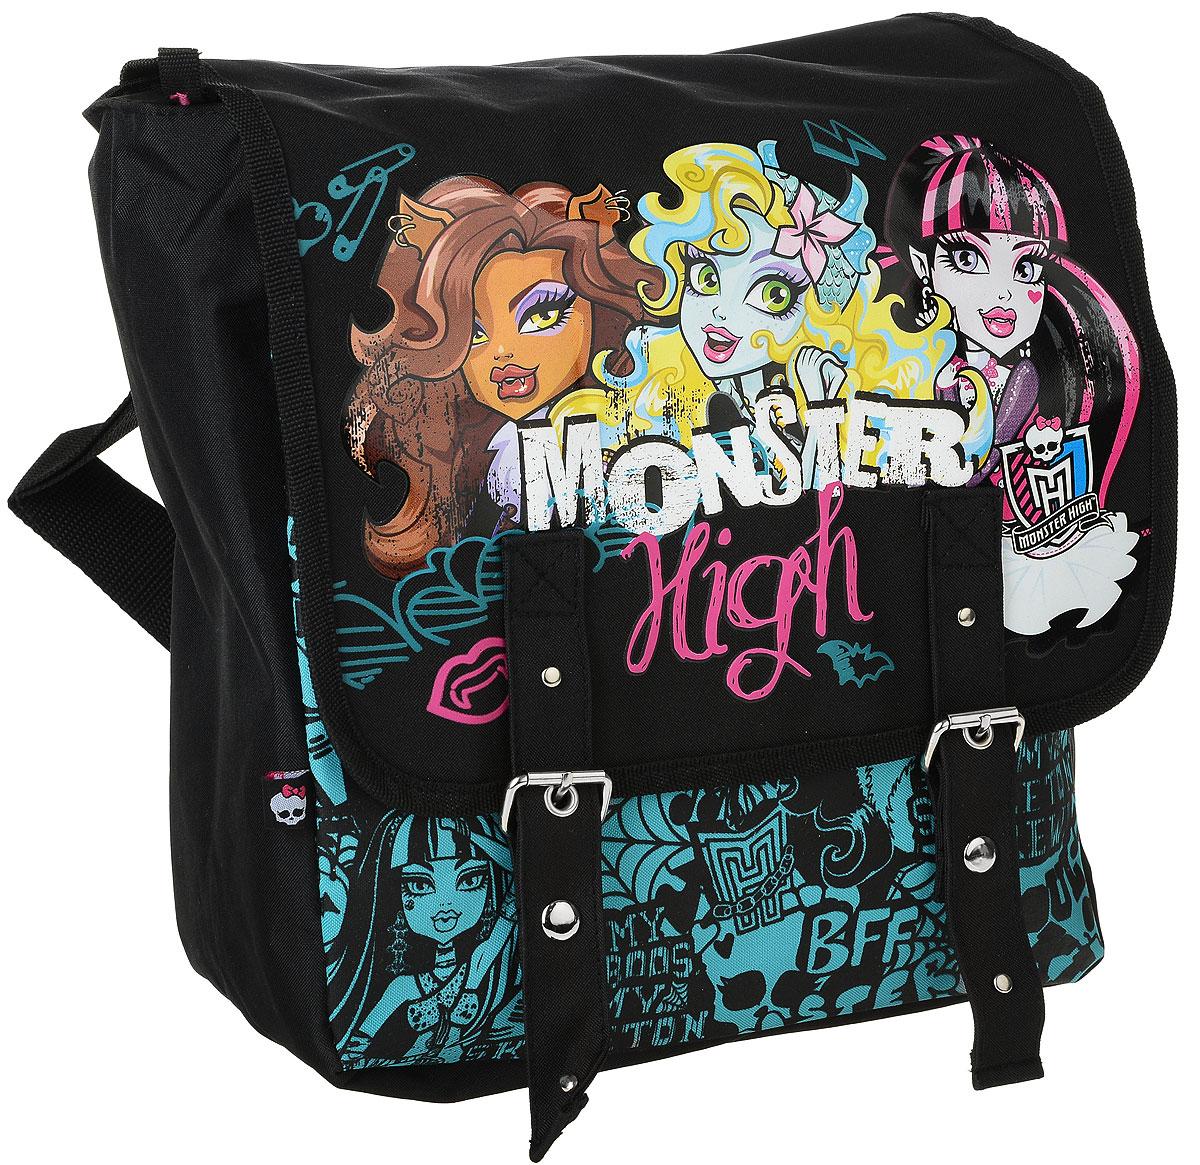 Рюкзак Размер 30 х 28 х 12 см. Monster HighMHBB-MT1-599Этот рюкзак изготовлен из износостойкой легкомоющейся ткани. Сверху рюкзак застегивается на застежку молния, а затем закрывается клапаном на двух магнитных застежках. Внутри рюкзака имеется два маленьких кармашка, а также еще один карман на молнии.Плечевые лямки рюкзака Monster High Pink регулируются по длине. Кроме того у рюкзака имеется дополнительная ручка для ношения его в руке.Если Вы ищите подарок девочке, можете быть уверенными, рюкзак Monster High Night непременно придется ей по вкусу!